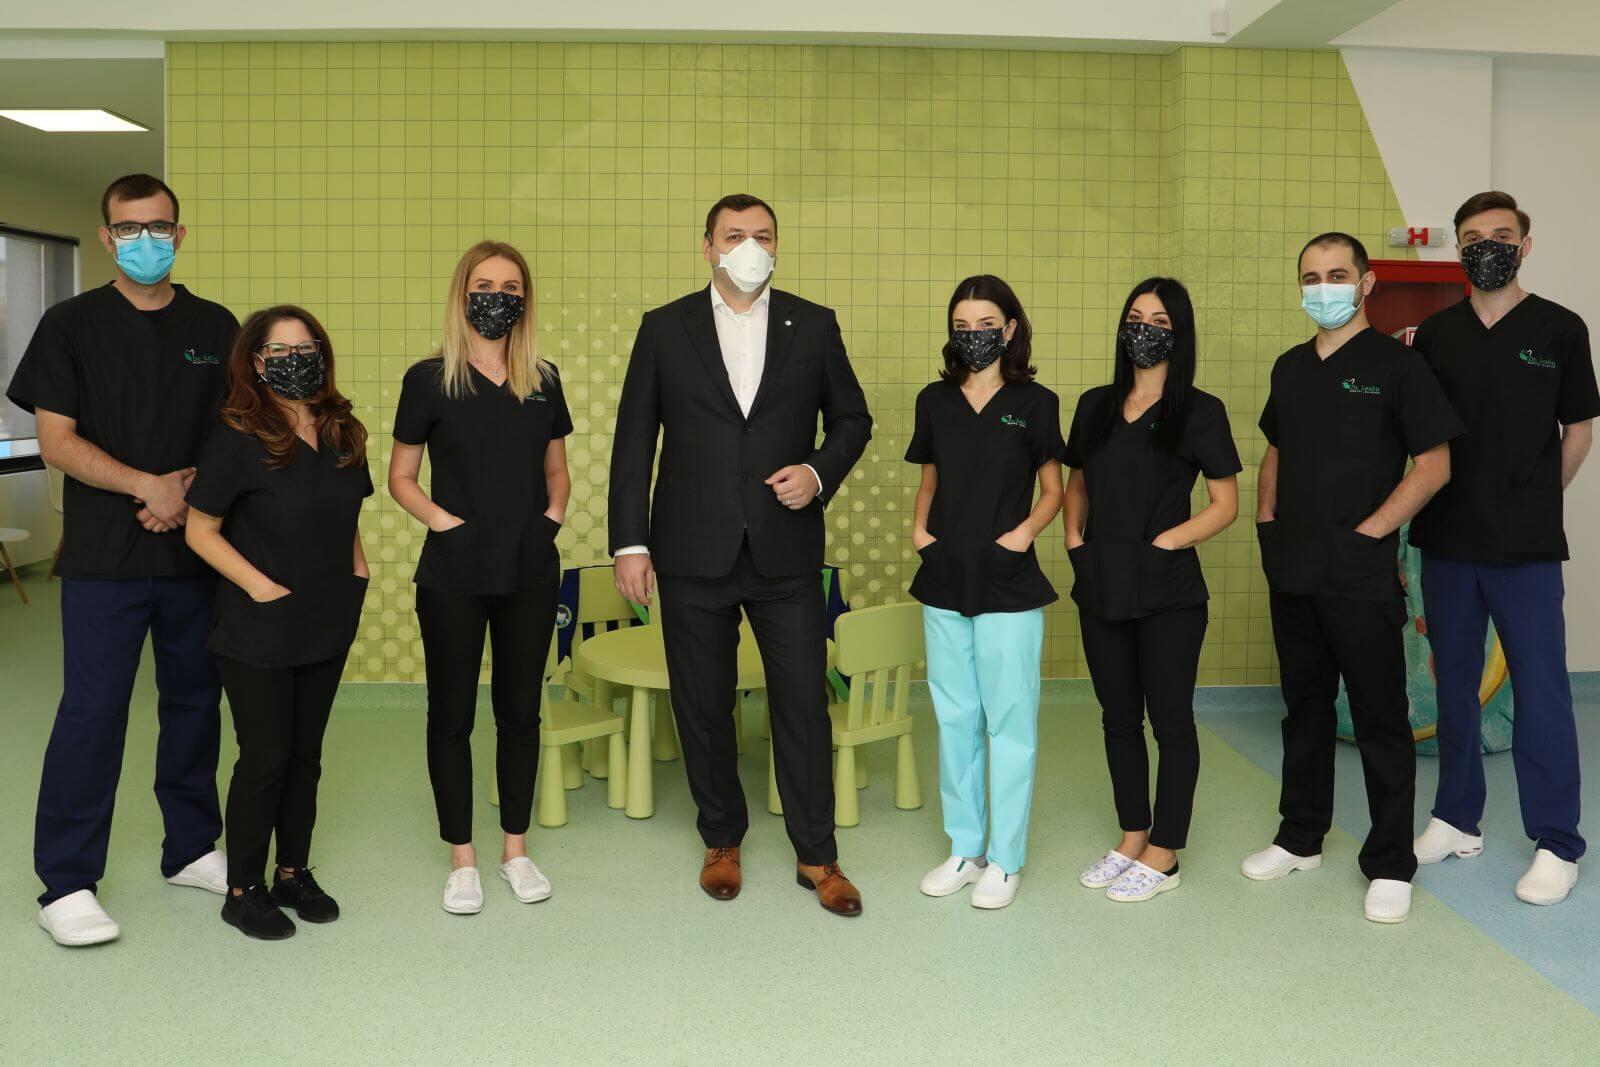 Dr. Ionut Leahu si echipa de la clinica stomatologica din Iasi, intr-o fotografie de grup, cu masti de protectie